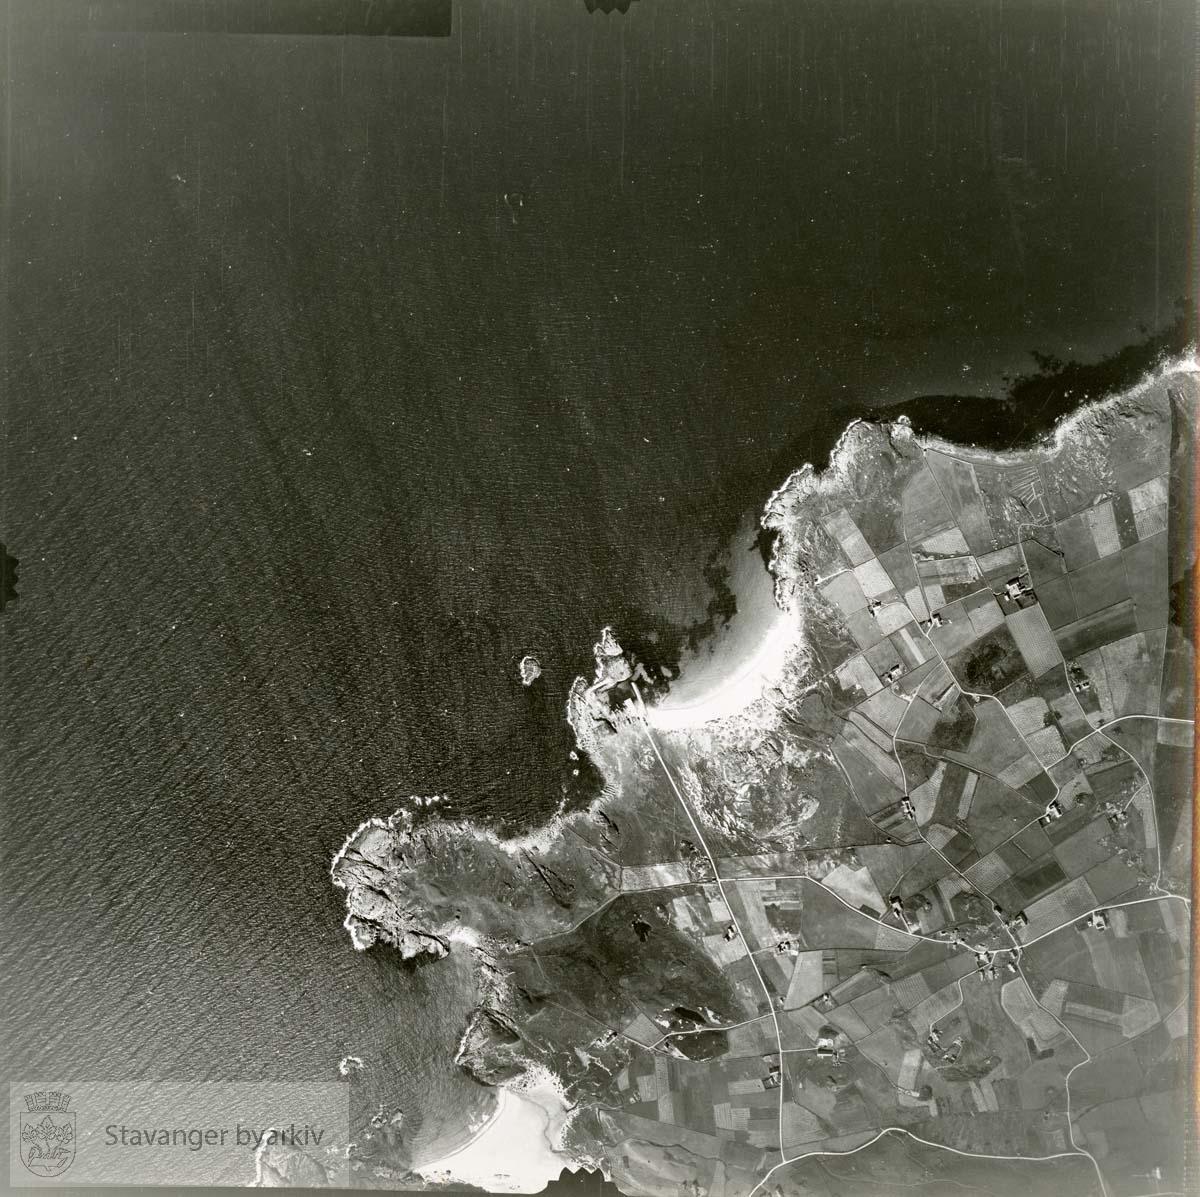 Jfr. kart/fotoplan A(III) 20/317..Vigdel og Ølberg..Se ByStW_Uca_002 (kan lastes ned under fanen for kart på Stavangerbilder)